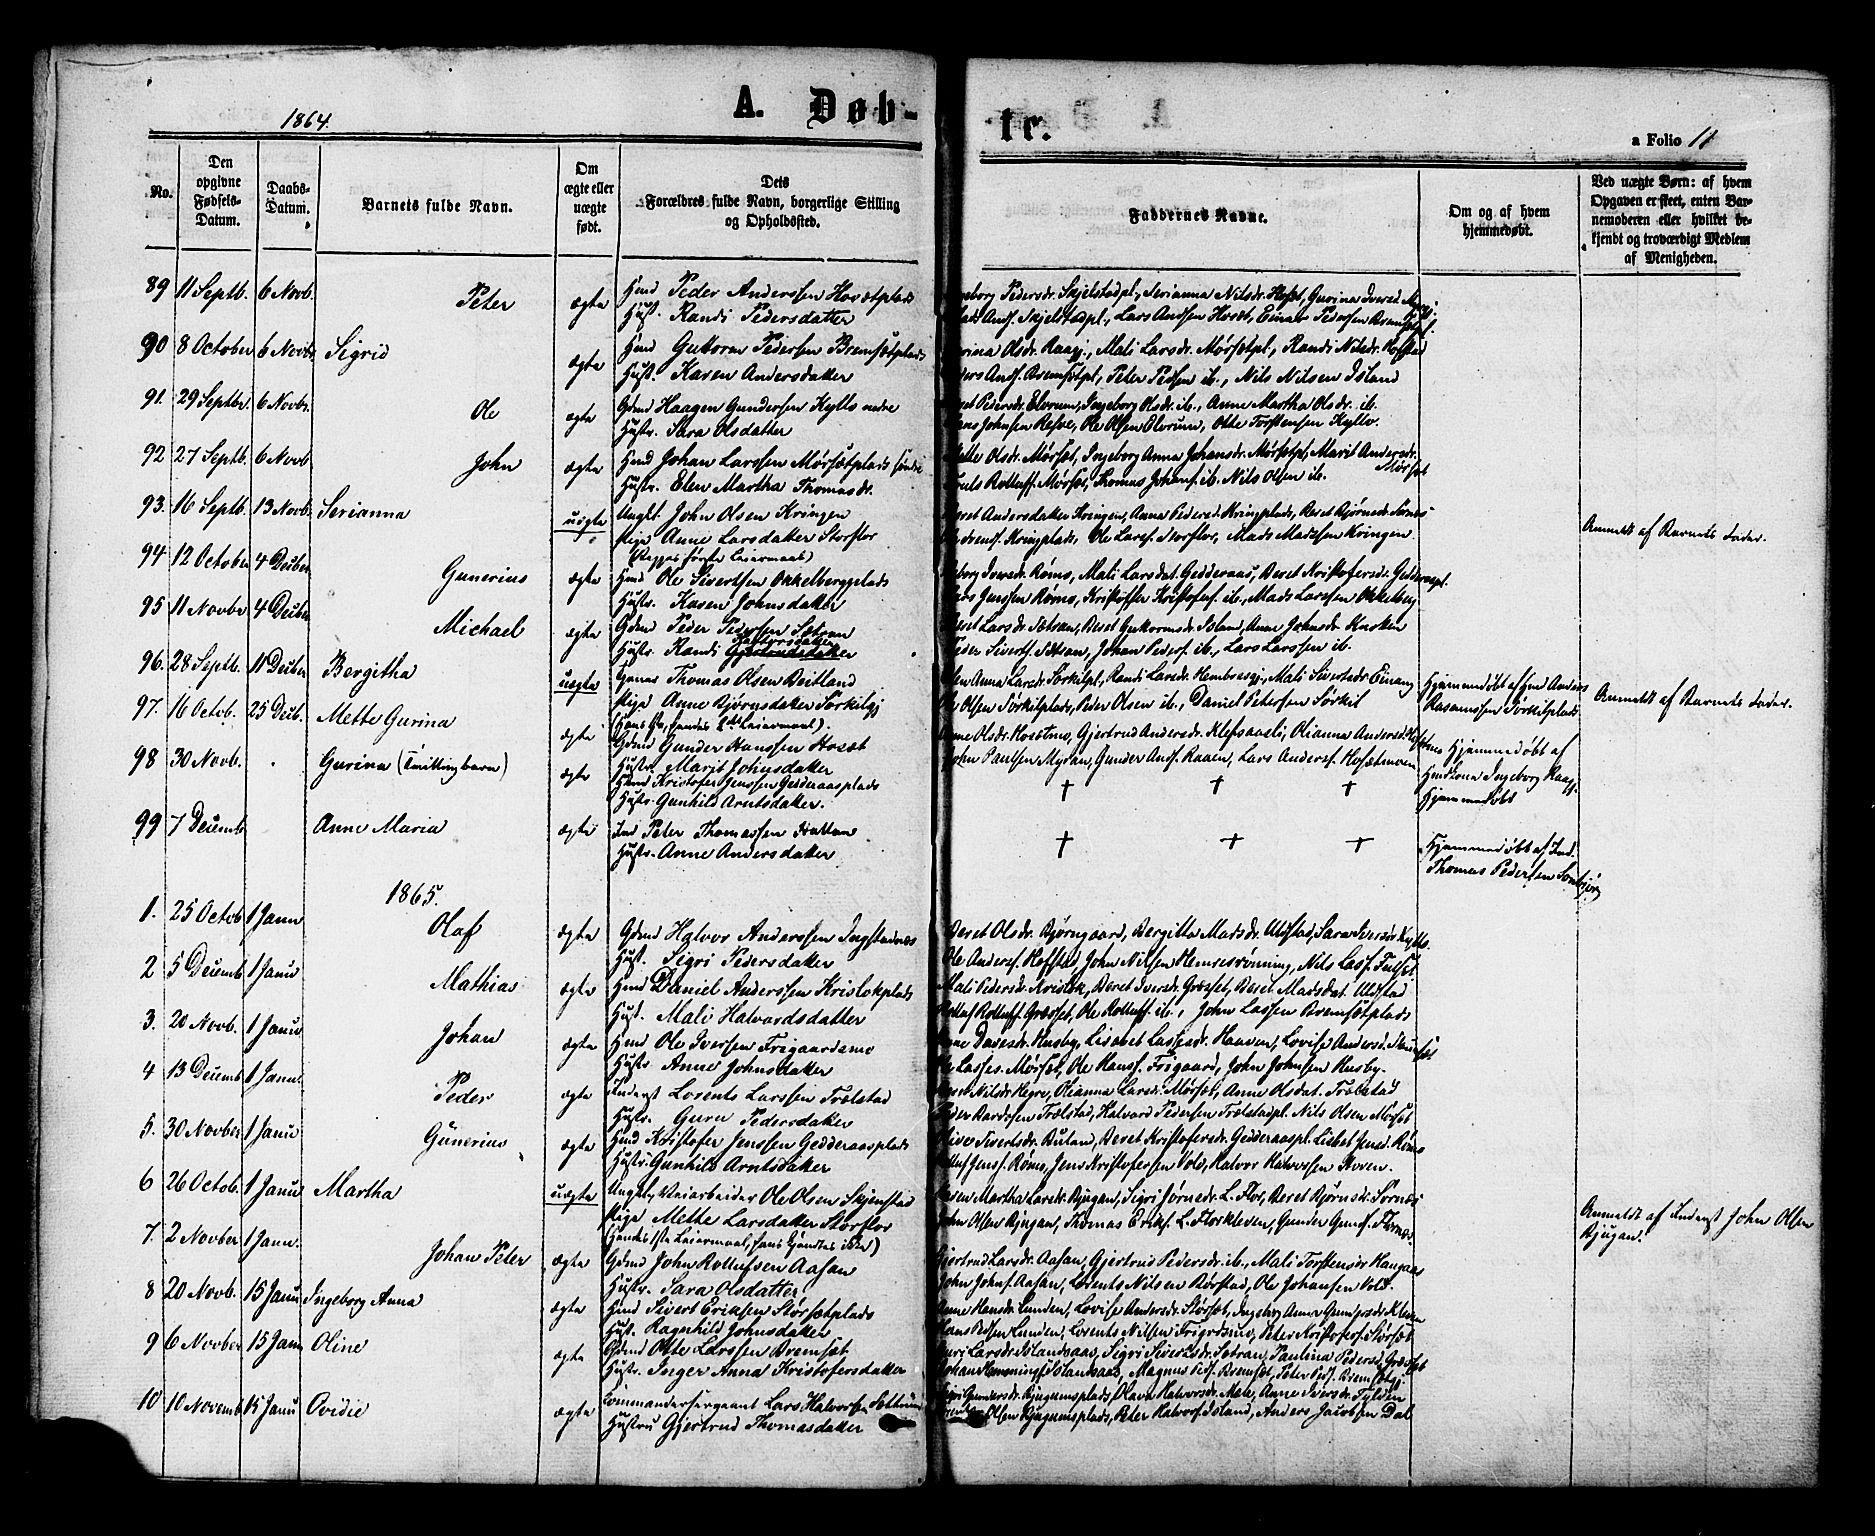 SAT, Ministerialprotokoller, klokkerbøker og fødselsregistre - Nord-Trøndelag, 703/L0029: Ministerialbok nr. 703A02, 1863-1879, s. 11